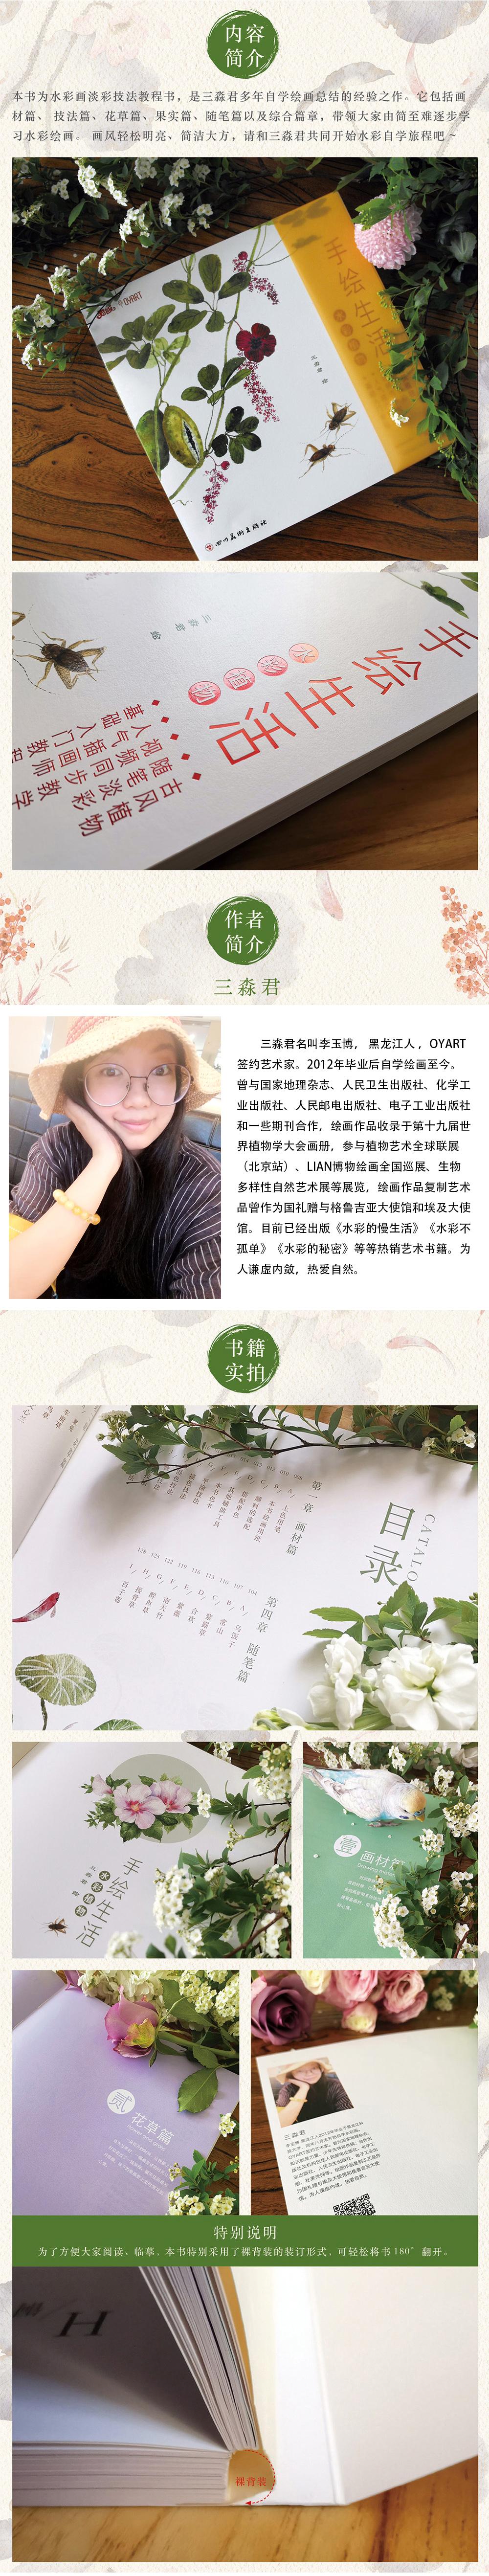 三淼君 详情页2 修改.jpg